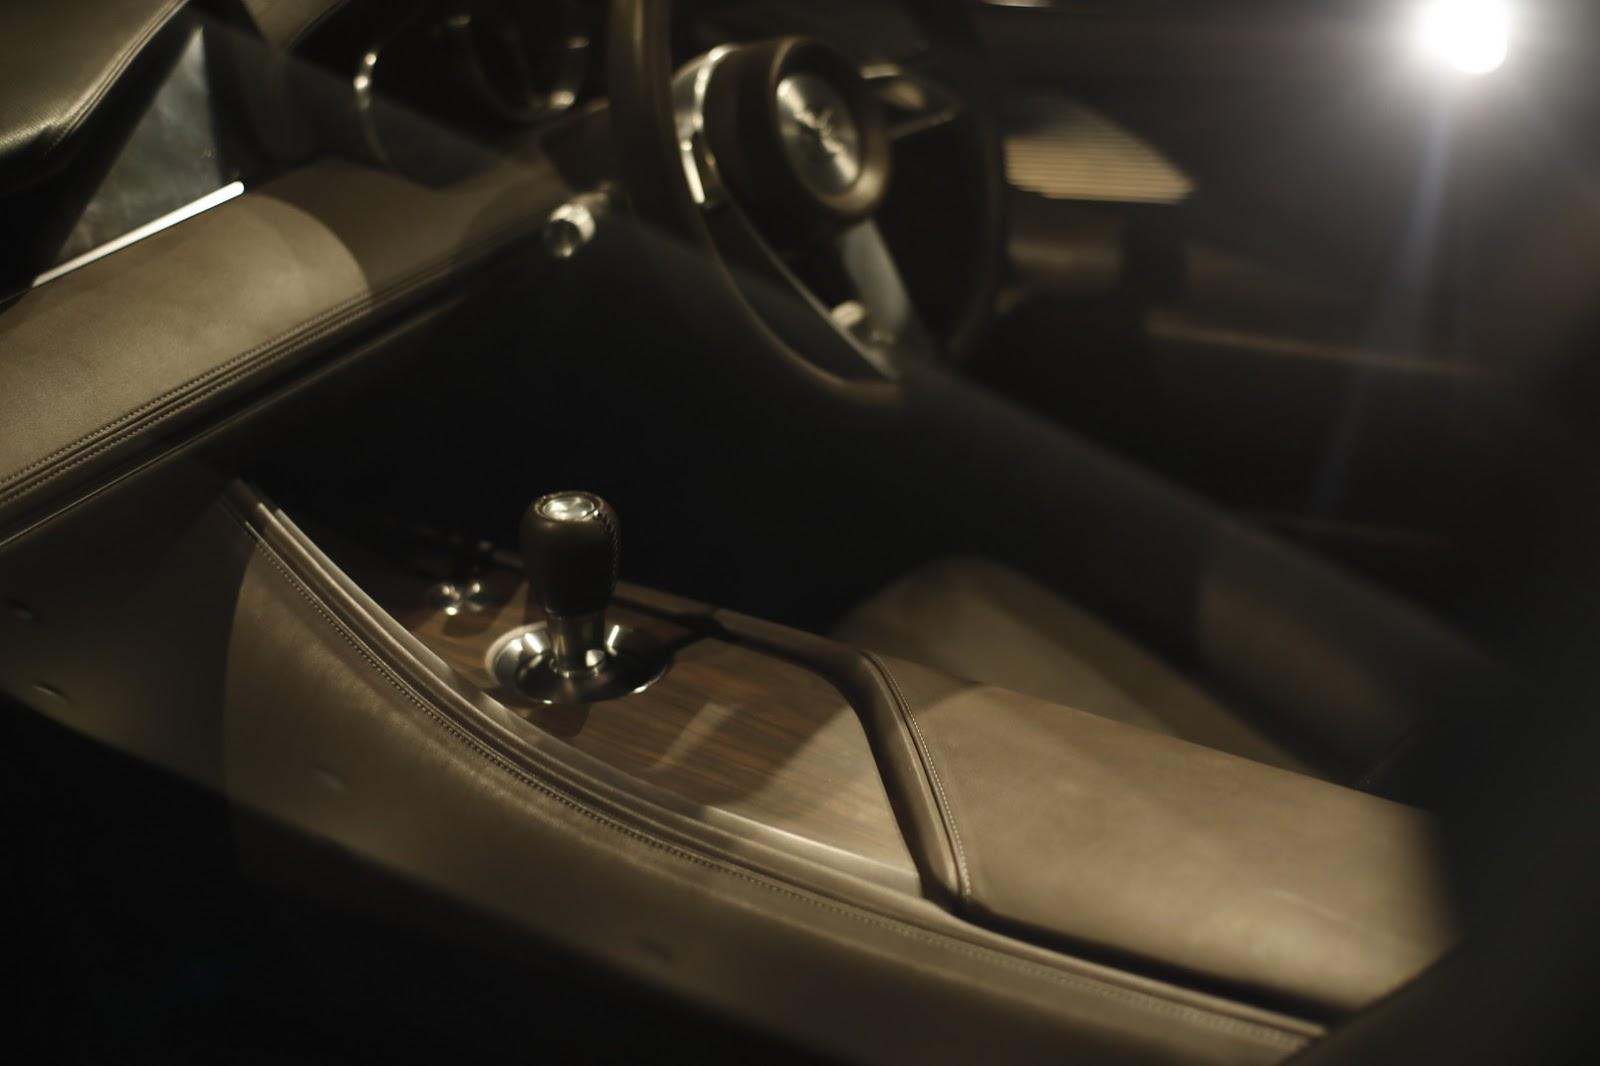 Mazda đang phát triển động cơ xăng và dầu 6 động cơ Skyactiv-X mới - 06